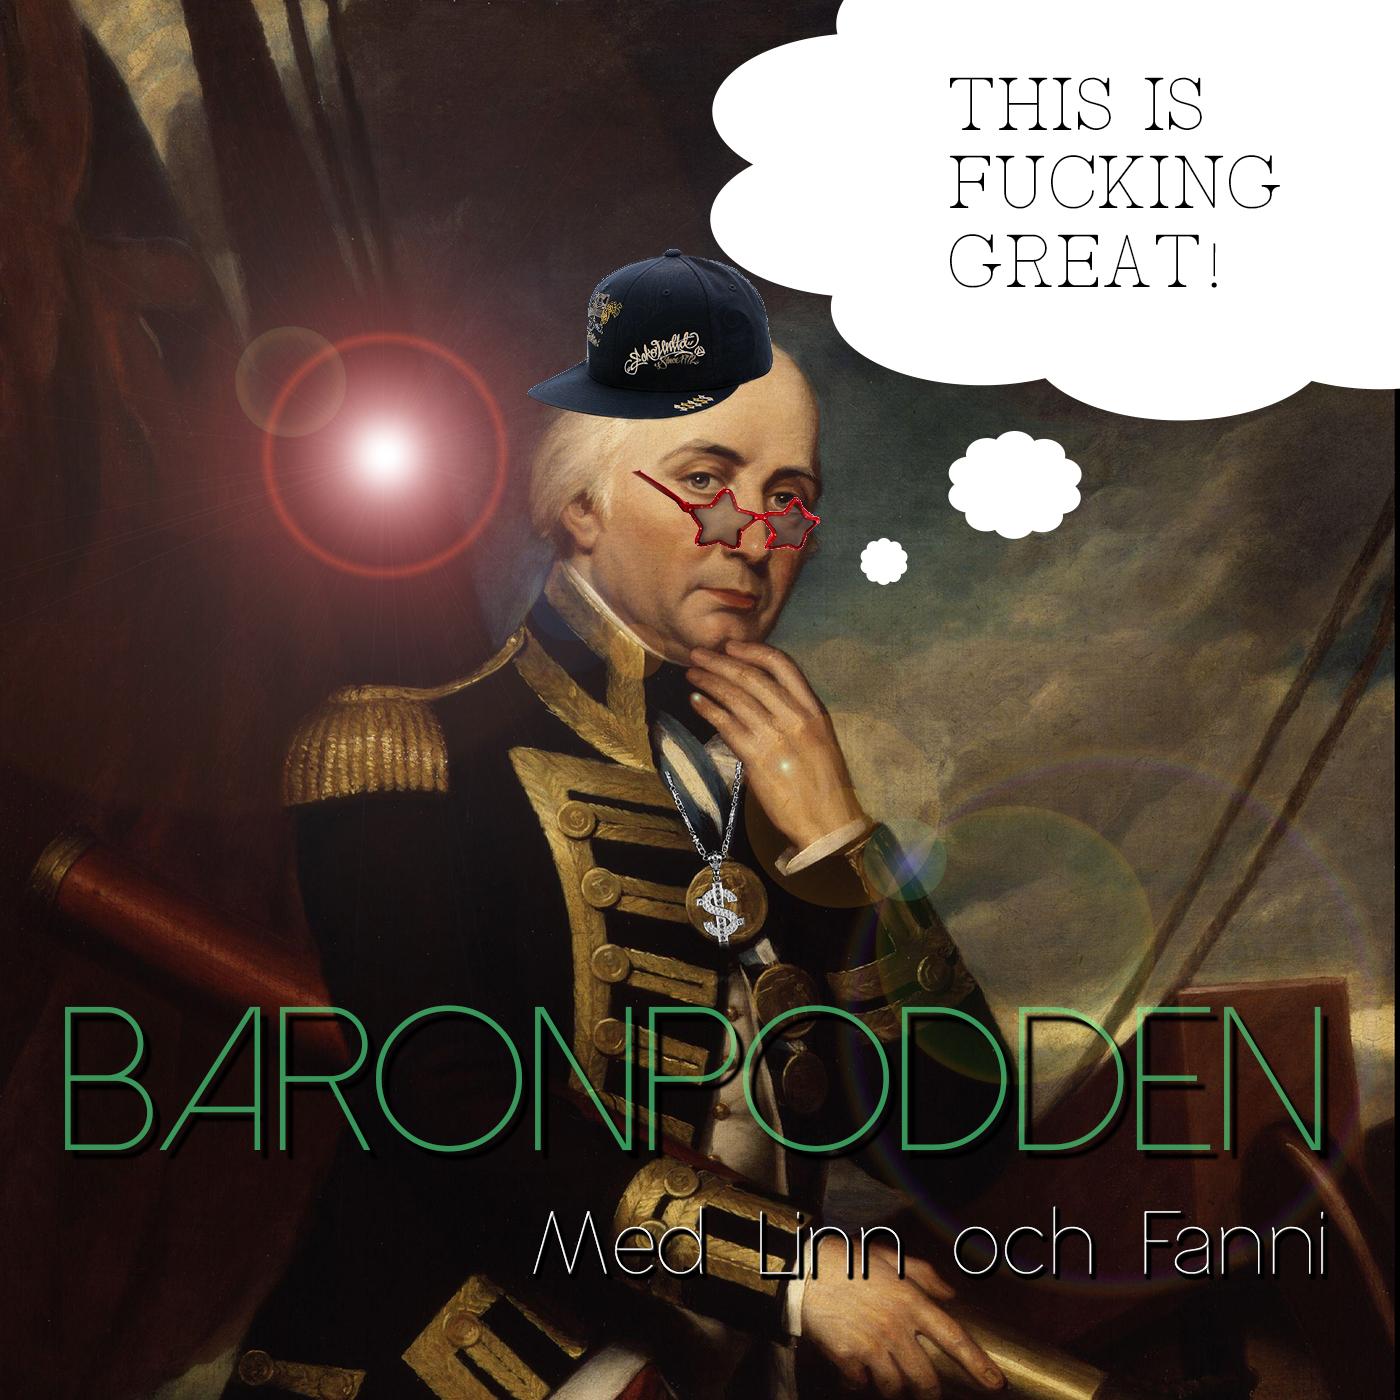 BaronPodden